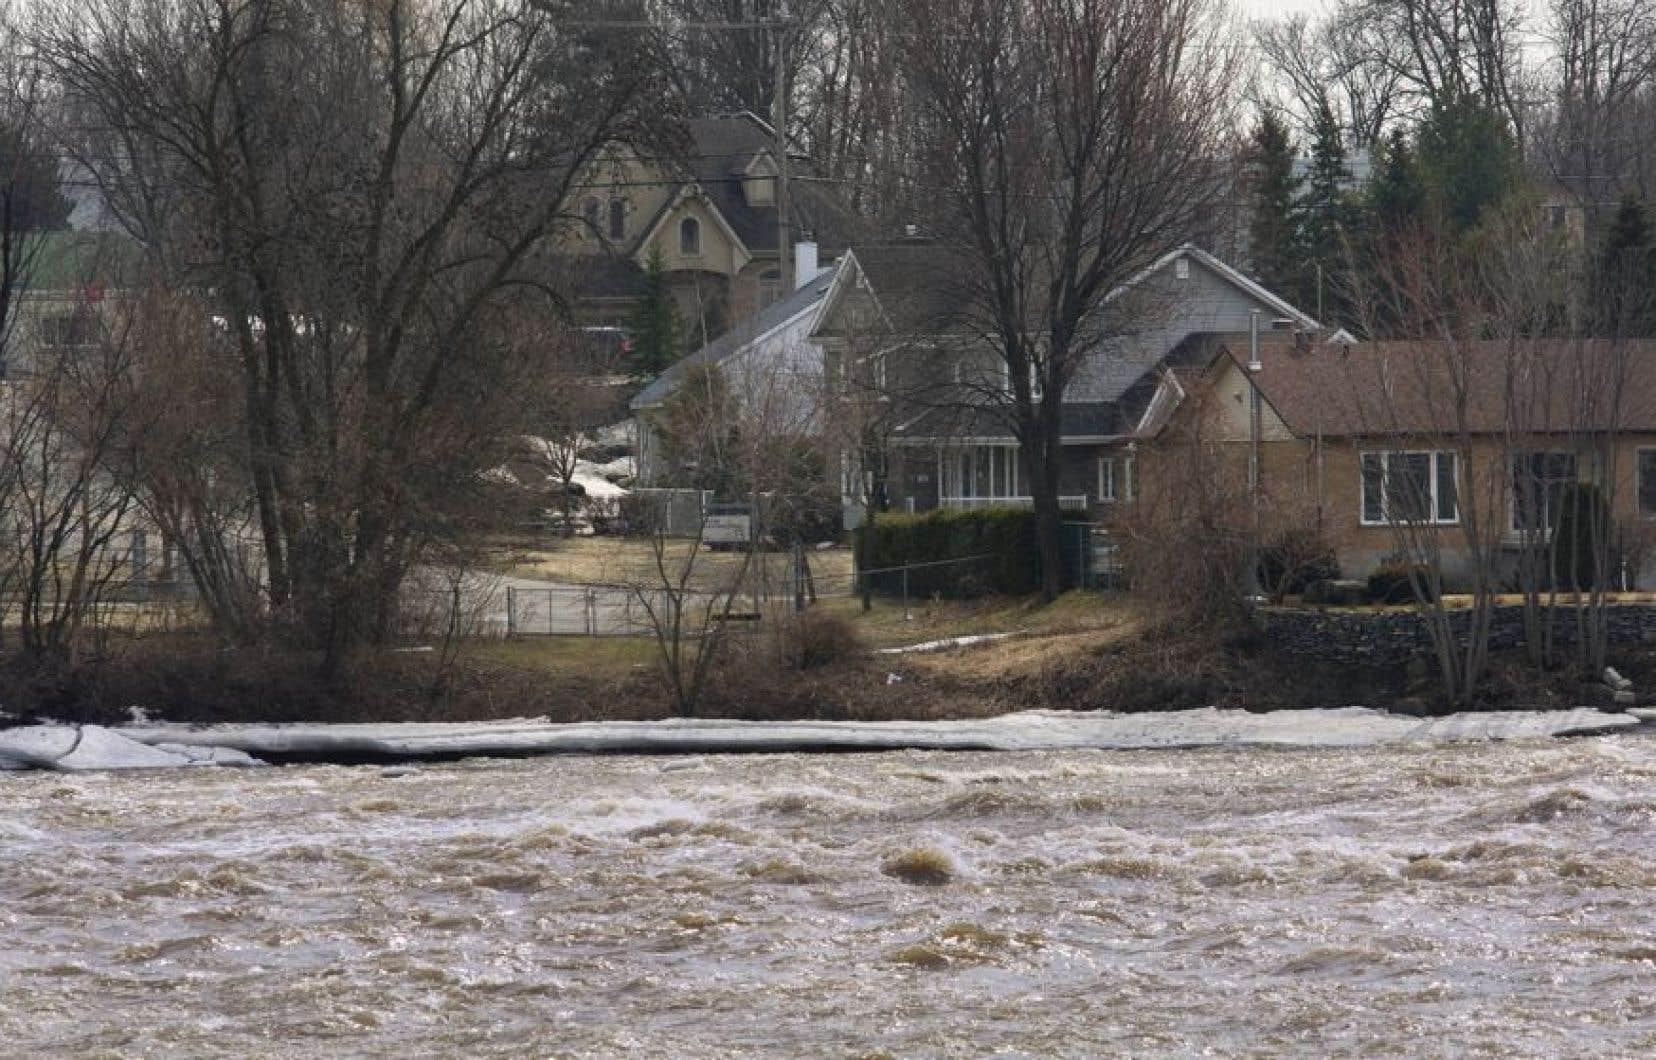 Même si la plupart des cours d'eau se sont retirés des zones inondées, la Sécurité civile du Québec poursuit sa surveillance de certaines rivières dont le débit et le niveau sont menaçants.